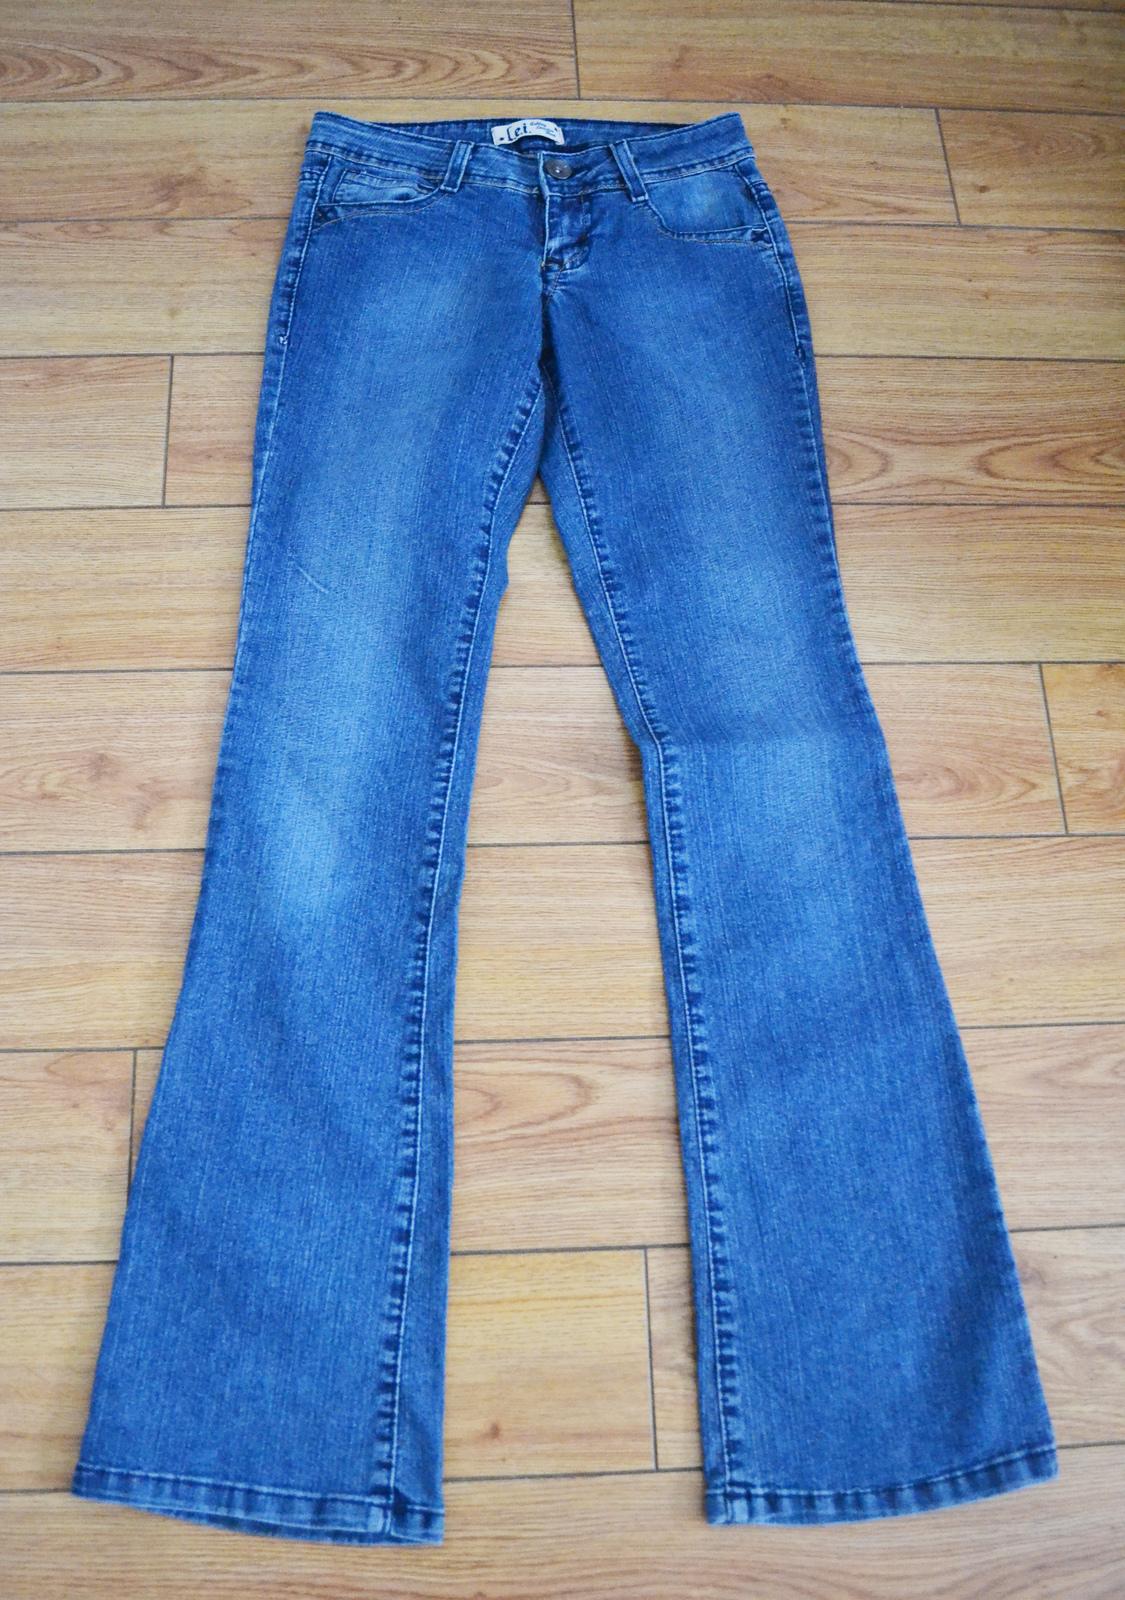 52b6771a44b L.E.I. Ashley Low Rise Boot Cut Jeans and 24 similar items. Dsc 0692